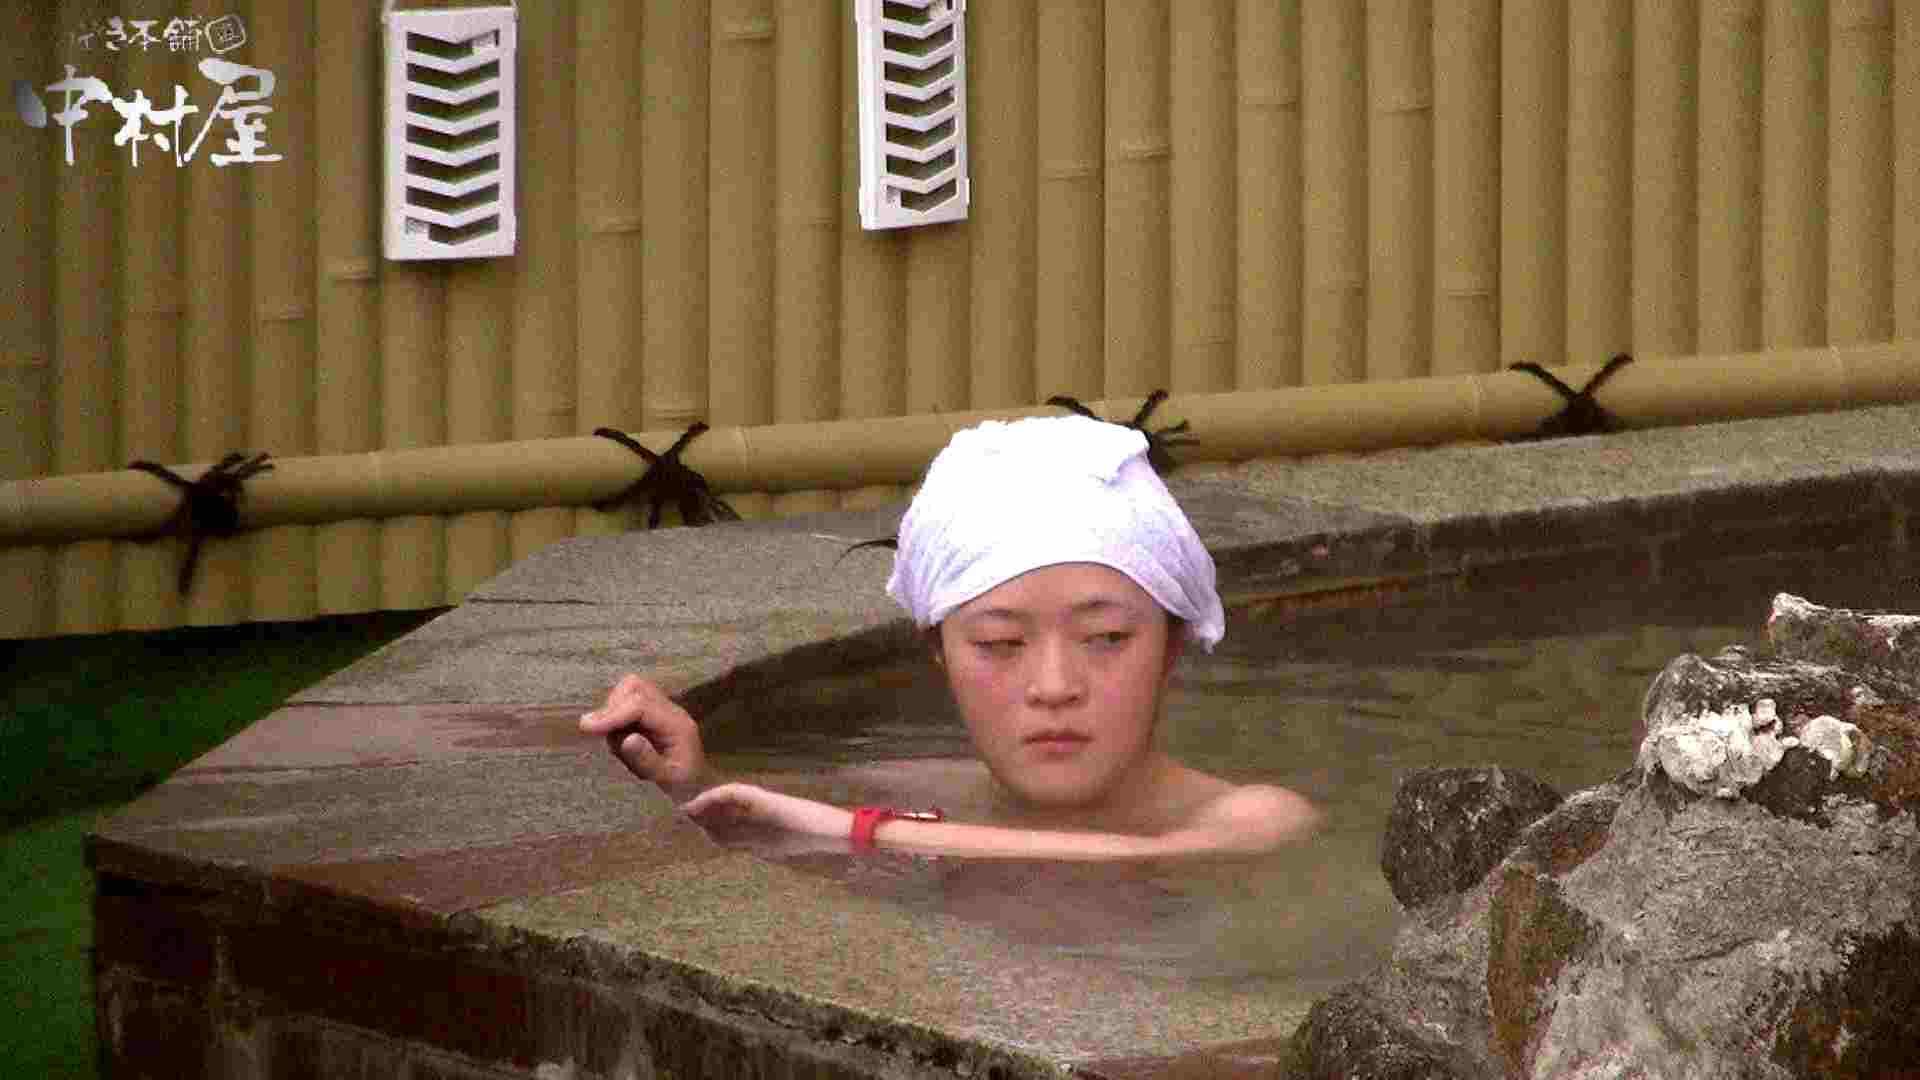 Aquaな露天風呂Vol.920 美しいOLの裸体 | 盗撮師作品  69pic 13